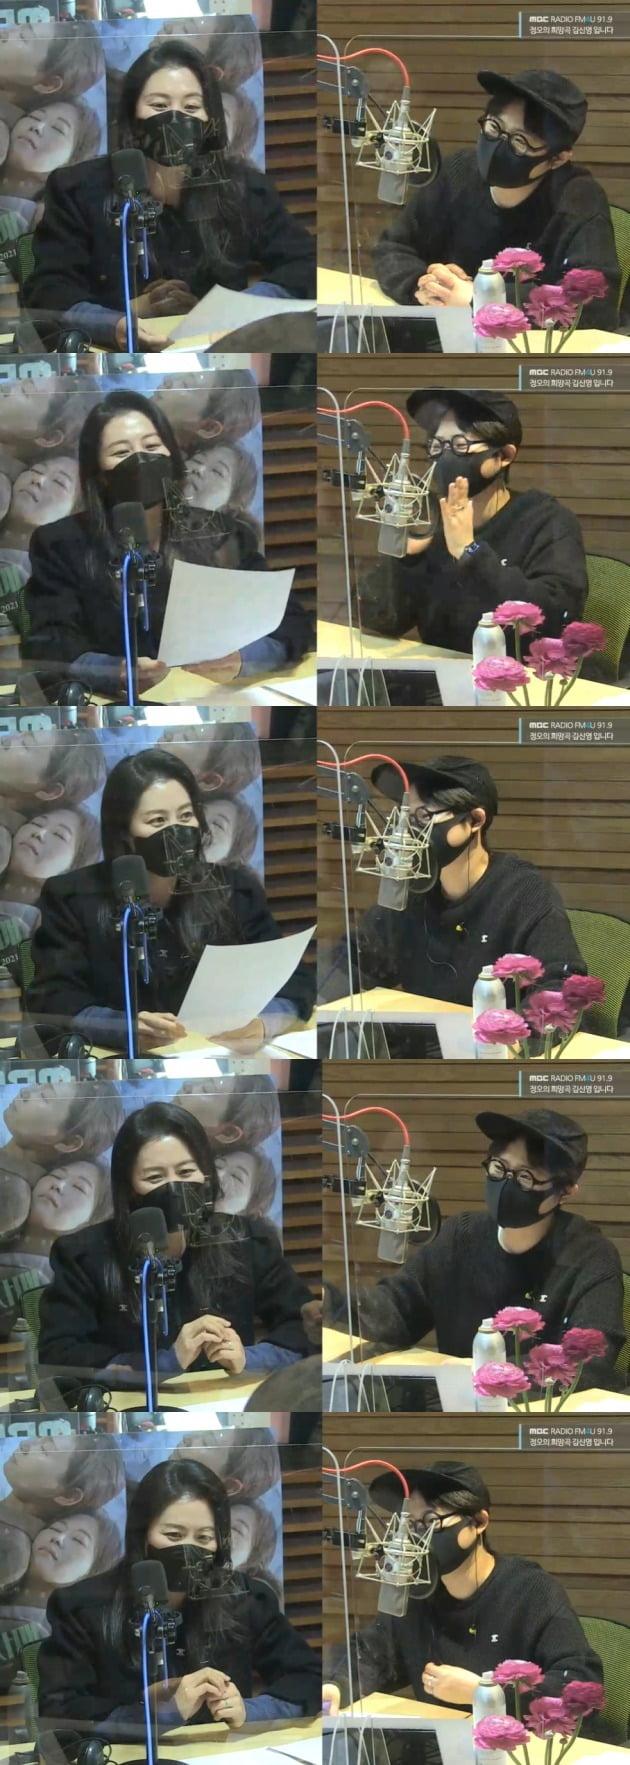 문소리가 '정오의 희망곡'에 출연했다. / 사진=MBC 라디오 '정오의 희망곡' 방송 캡처